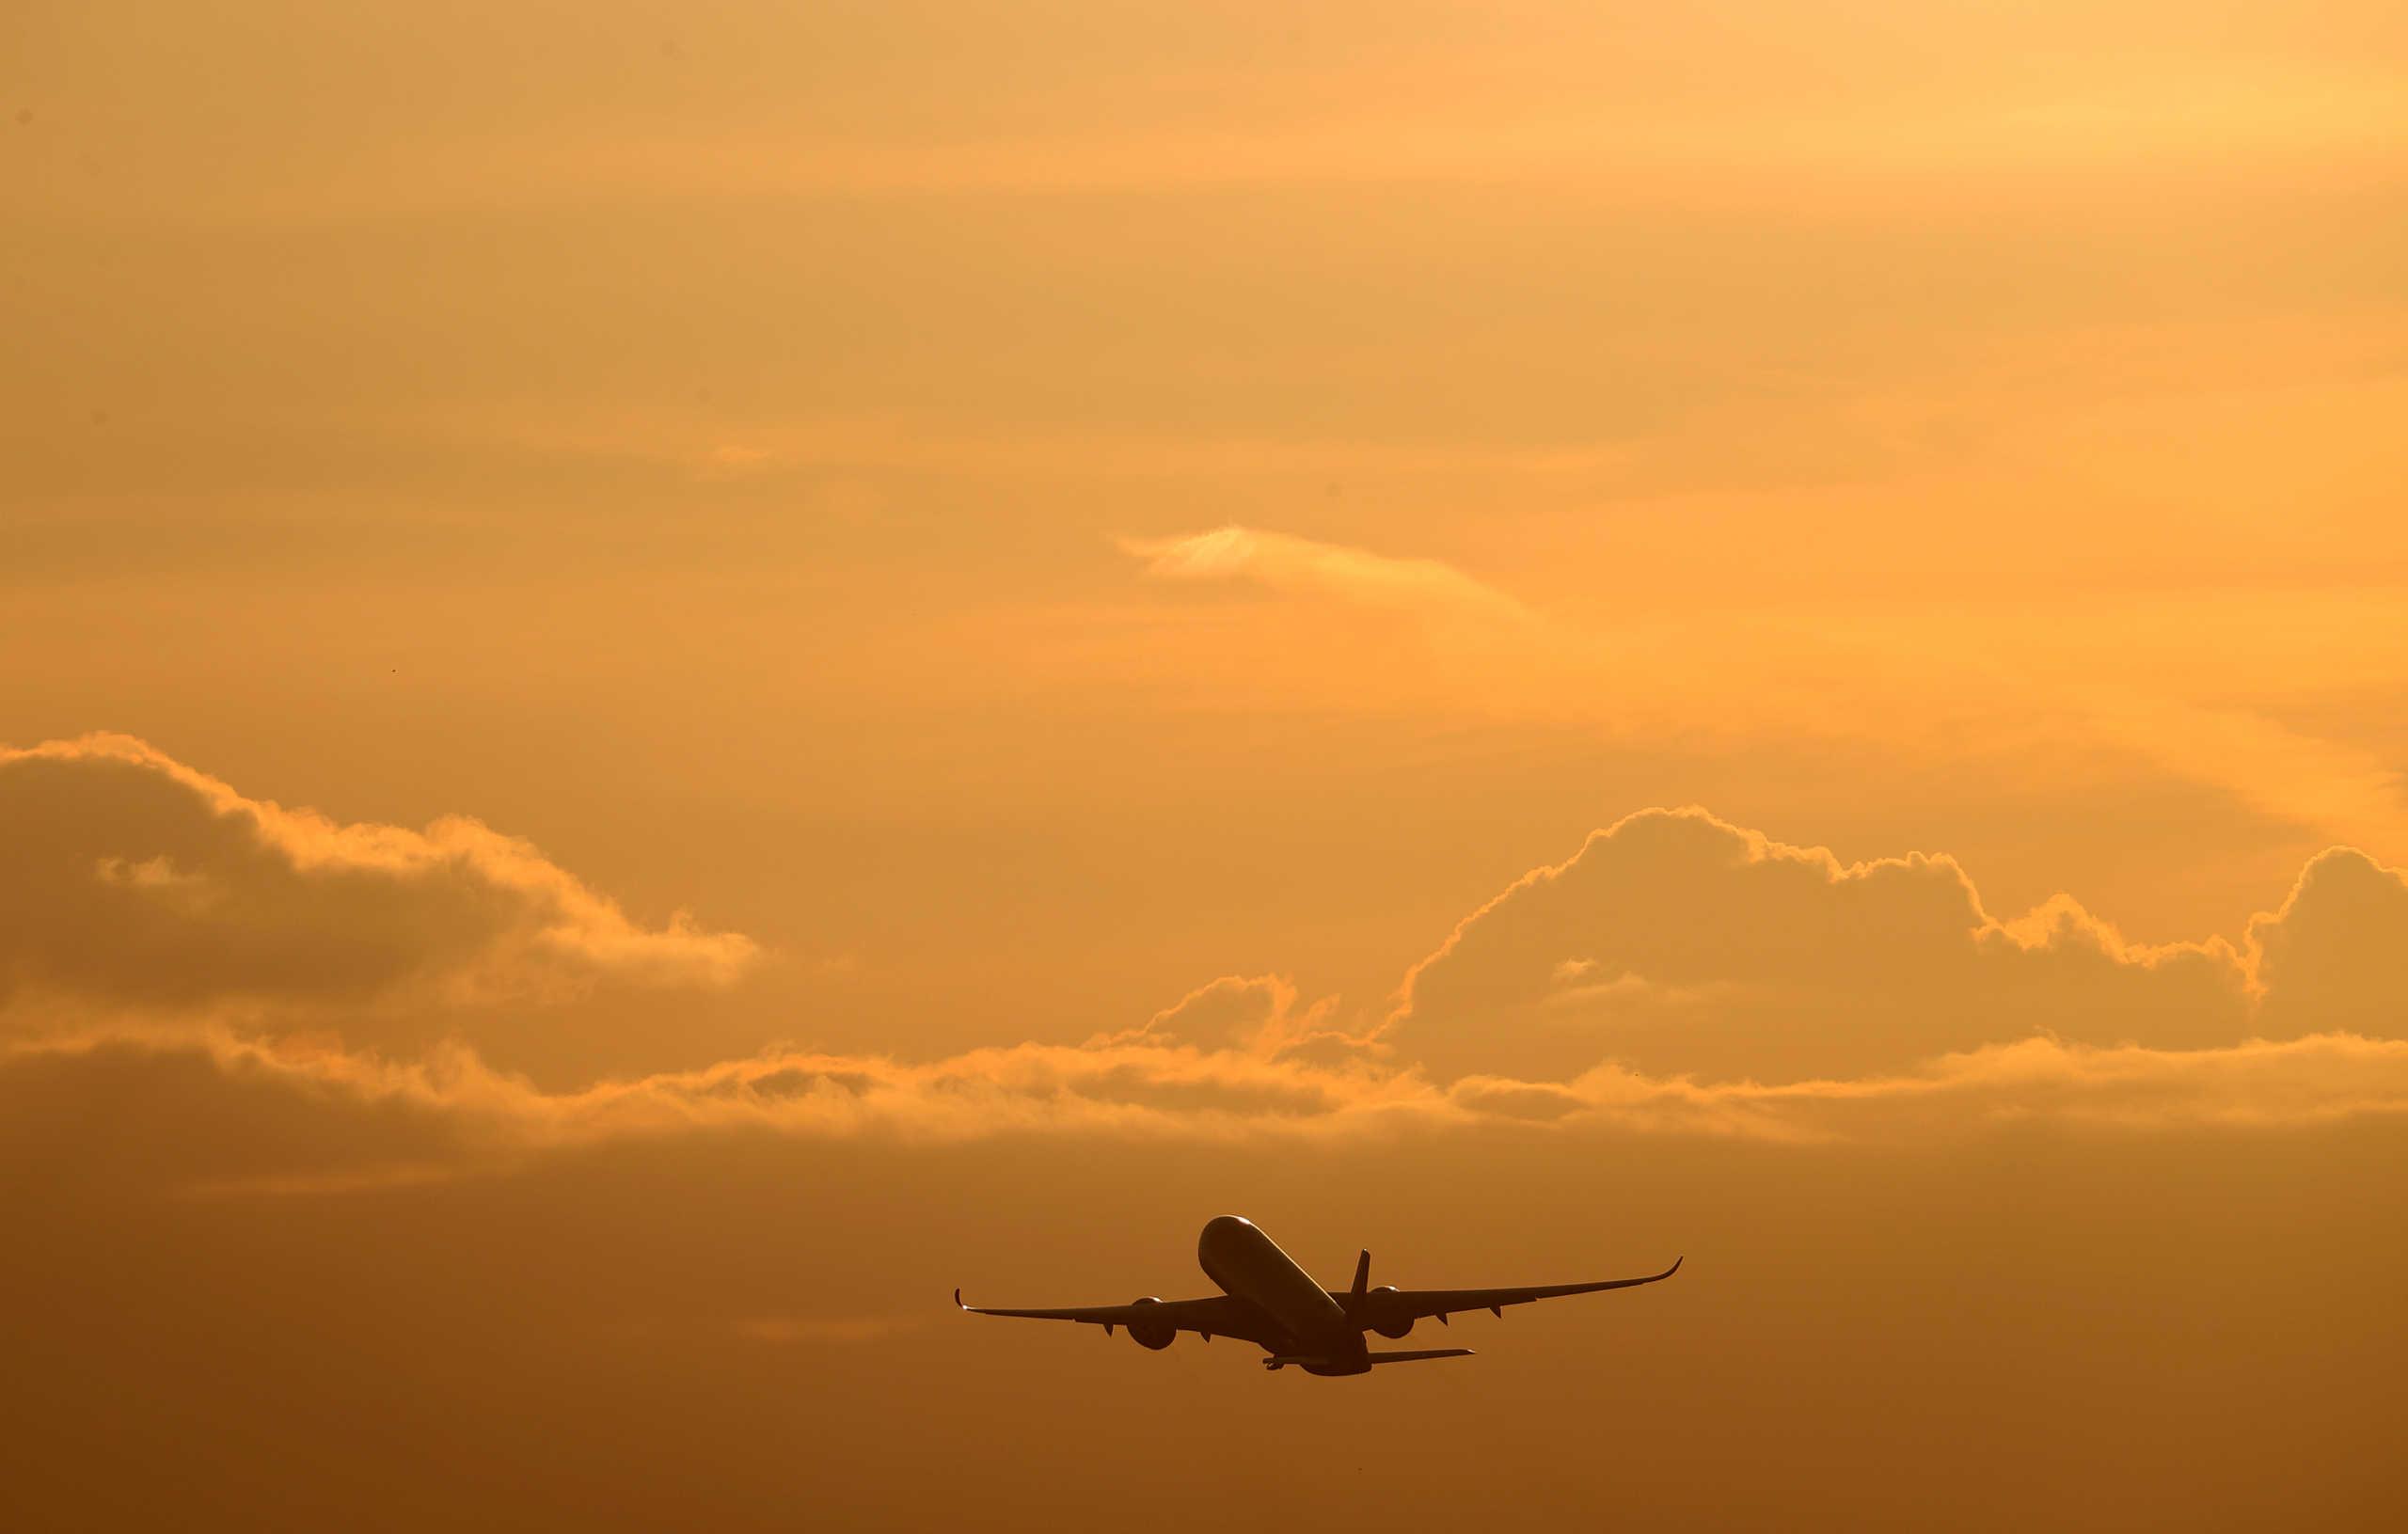 Αεροπορικές εταιρείες προς επιβάτες: Πάρτε voucher, μη ζητάτε πίσω τα λεφτά σας